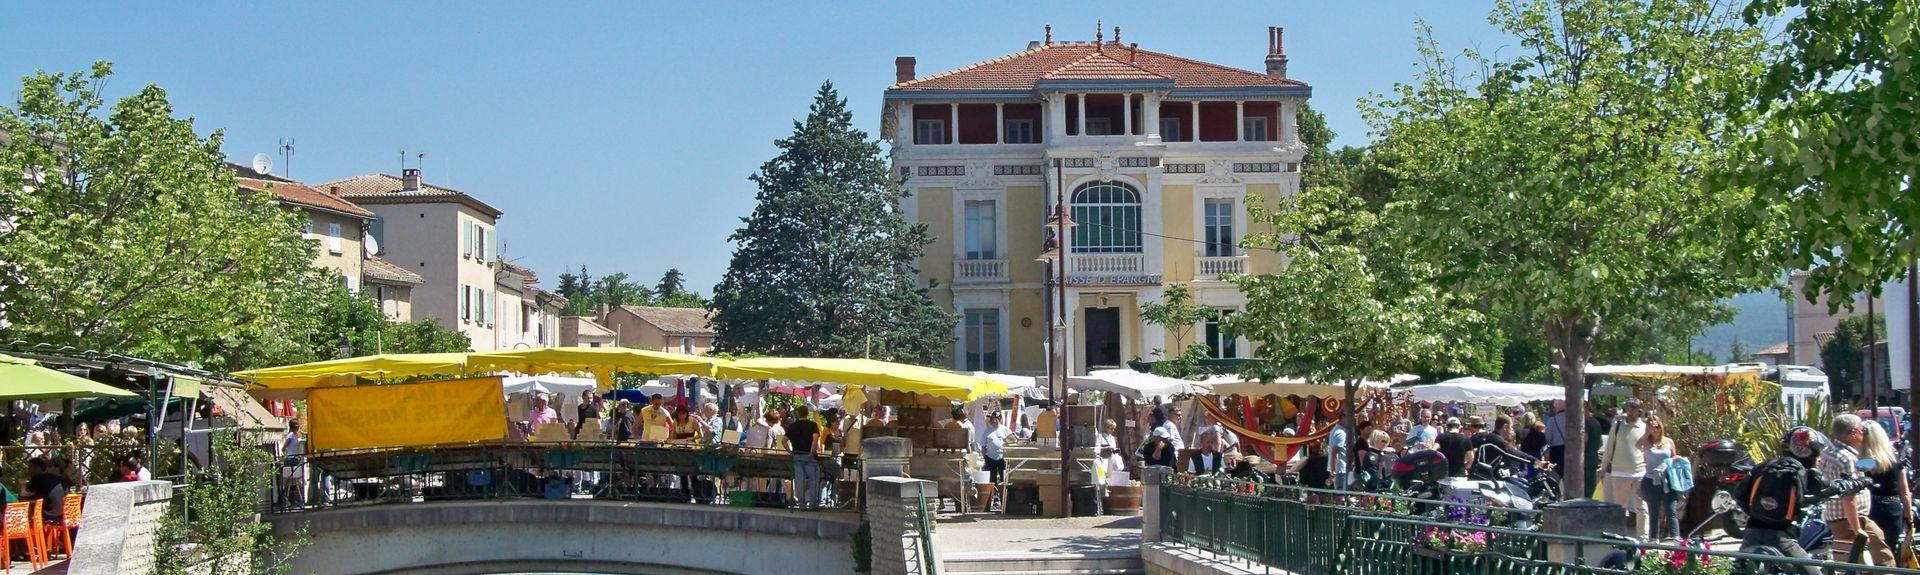 Pernes-les-Fontaines, Provence-Alpes-Côte d'Azur, França